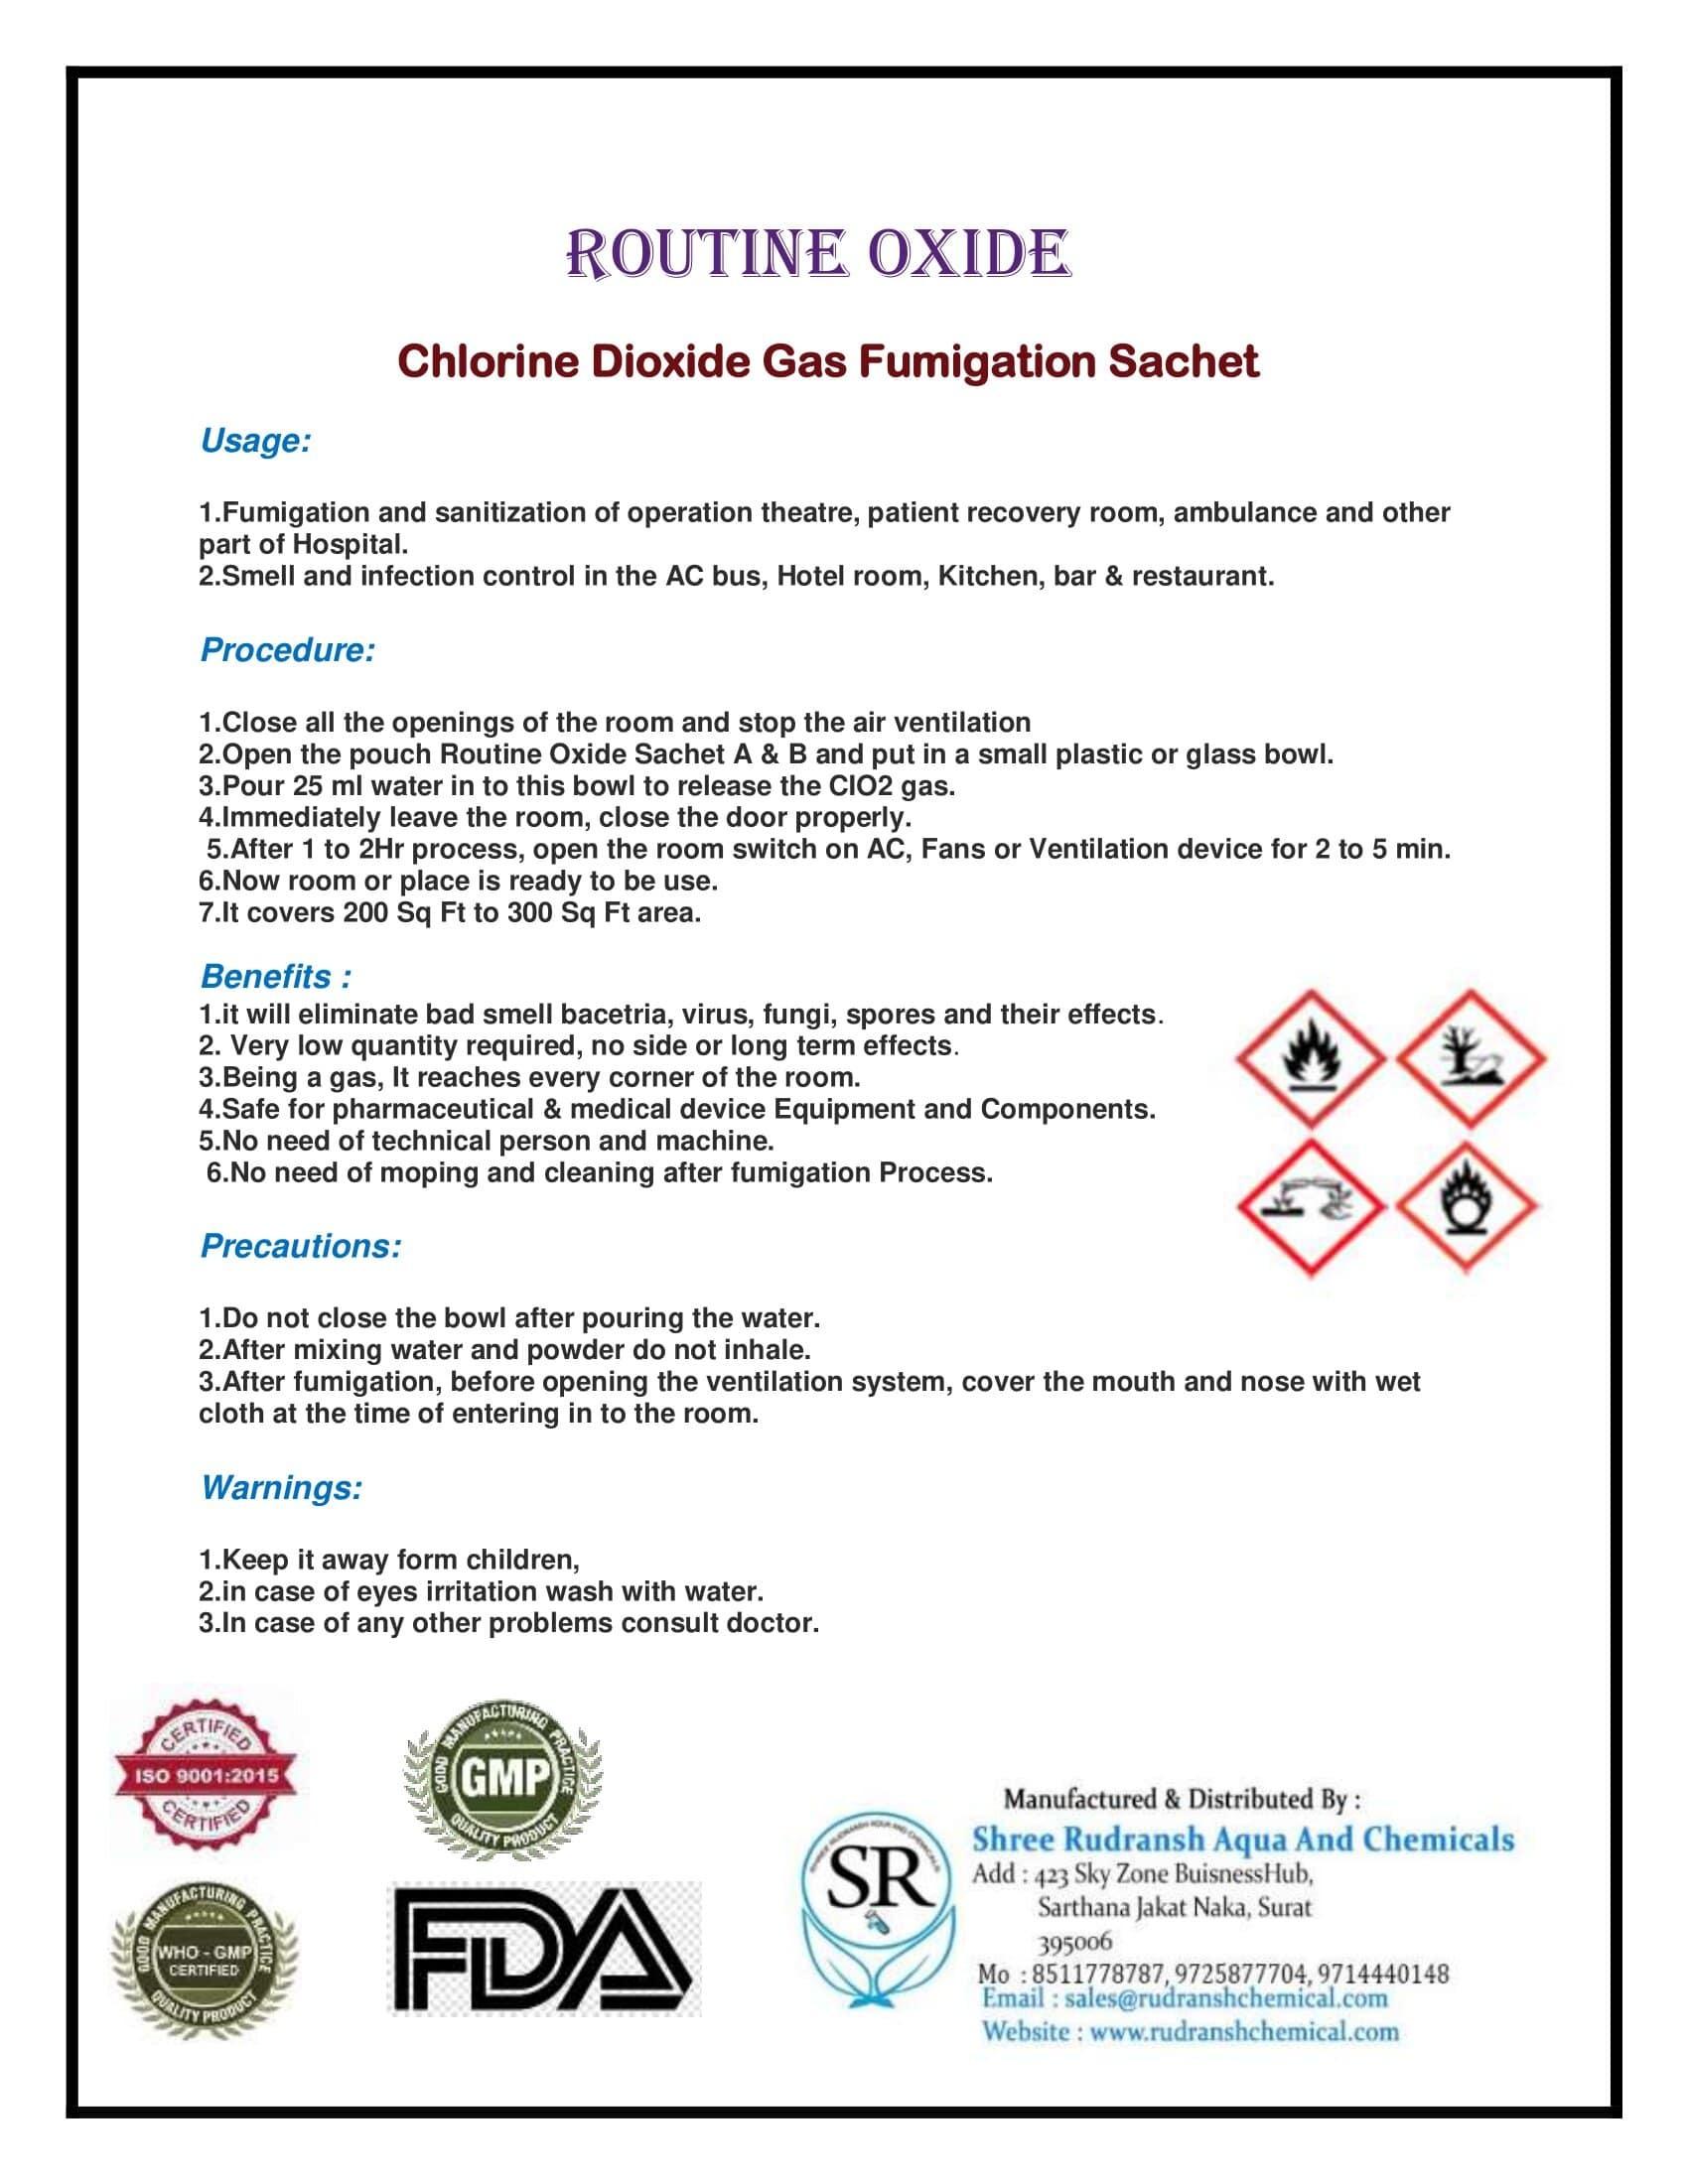 Routine Oxide Gas Fumigation Sachet